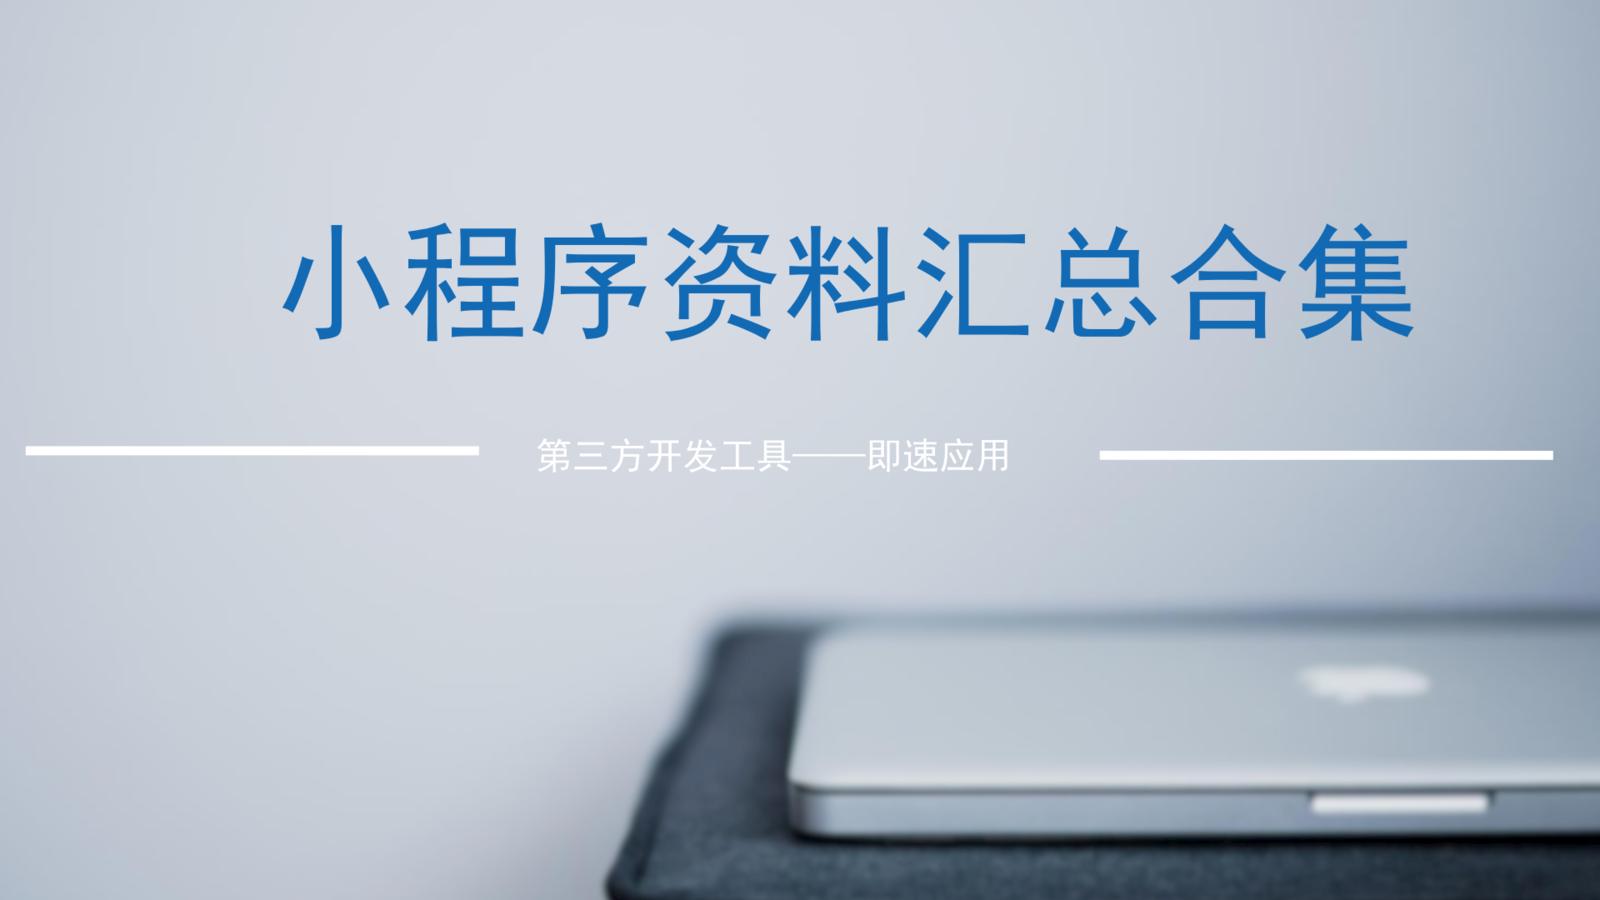 亚博-微信小程序论坛「咫尺论坛」上线一年,成为国内领先的小程序社区